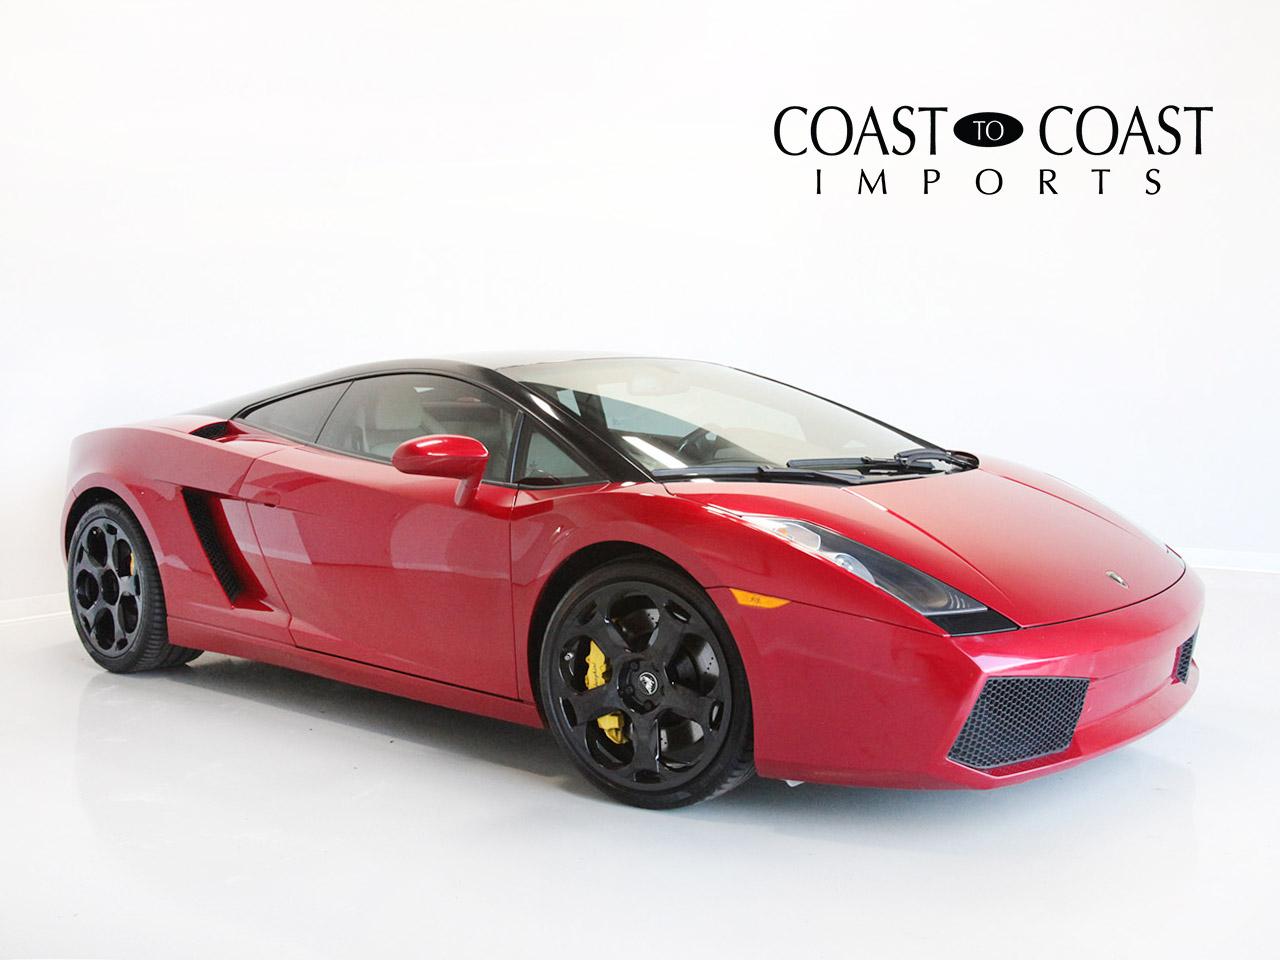 carmel location inventory - coast to coast auto s